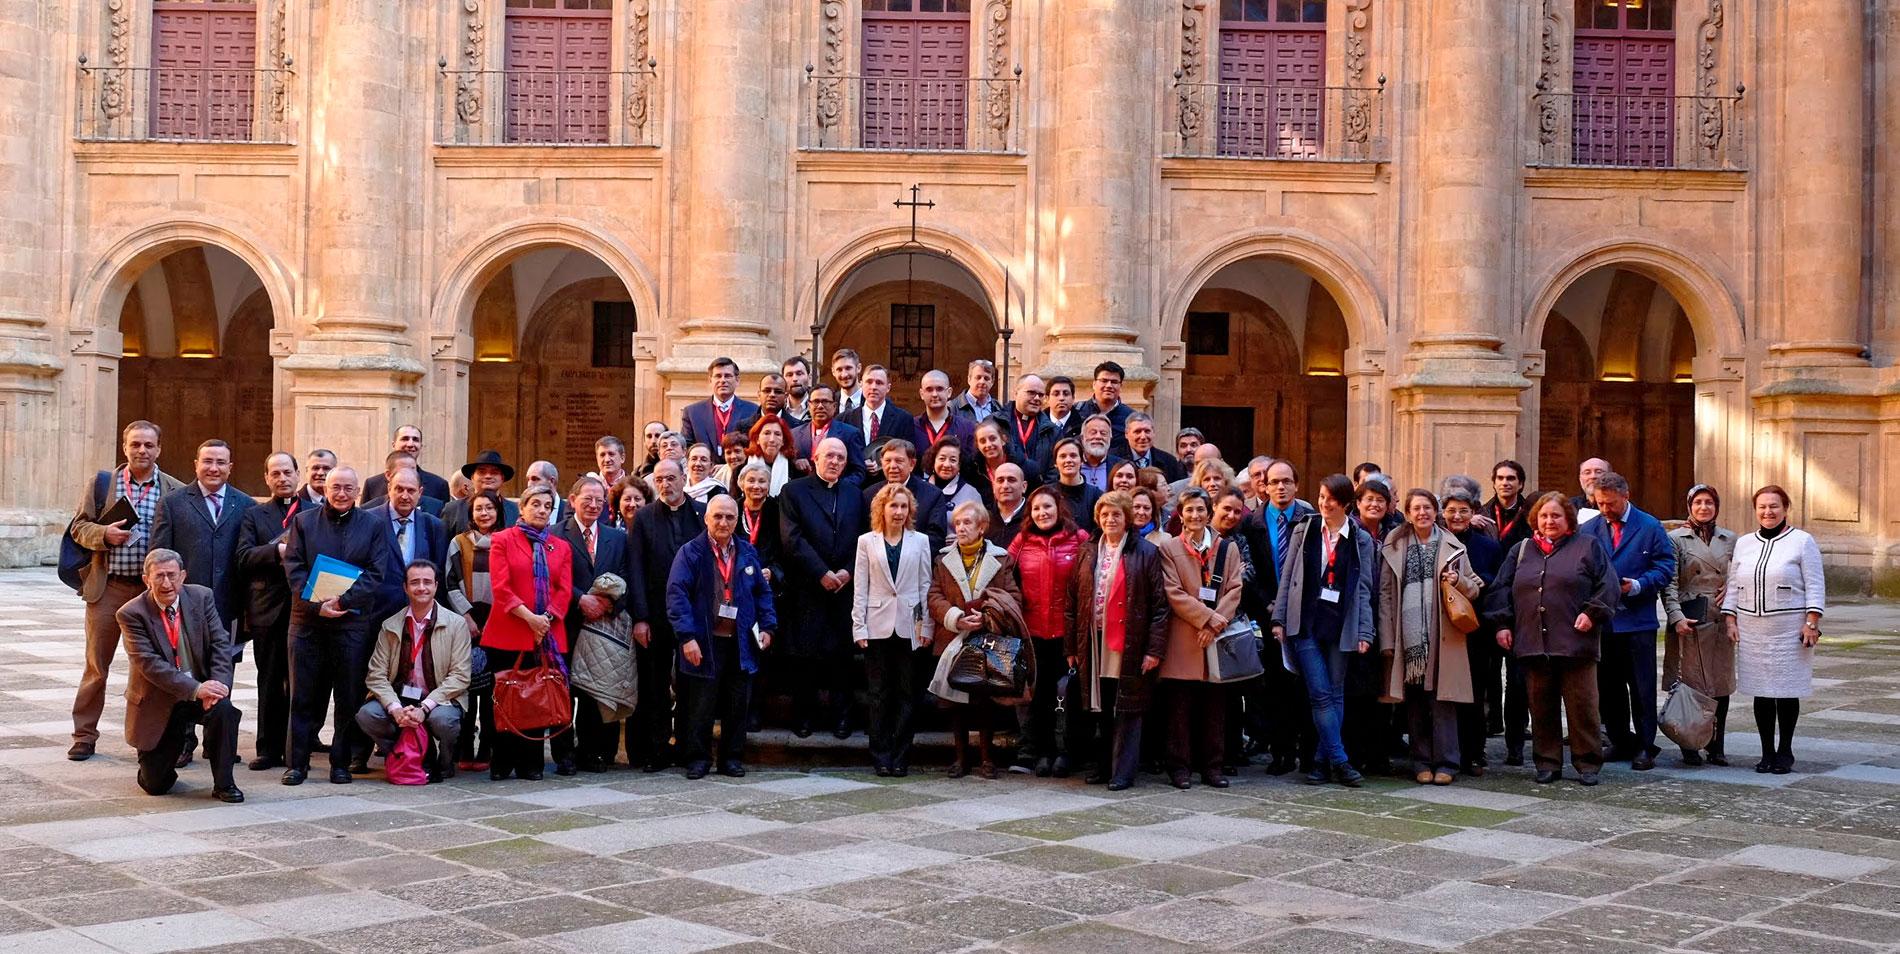 Congreso metafísica Salamanca